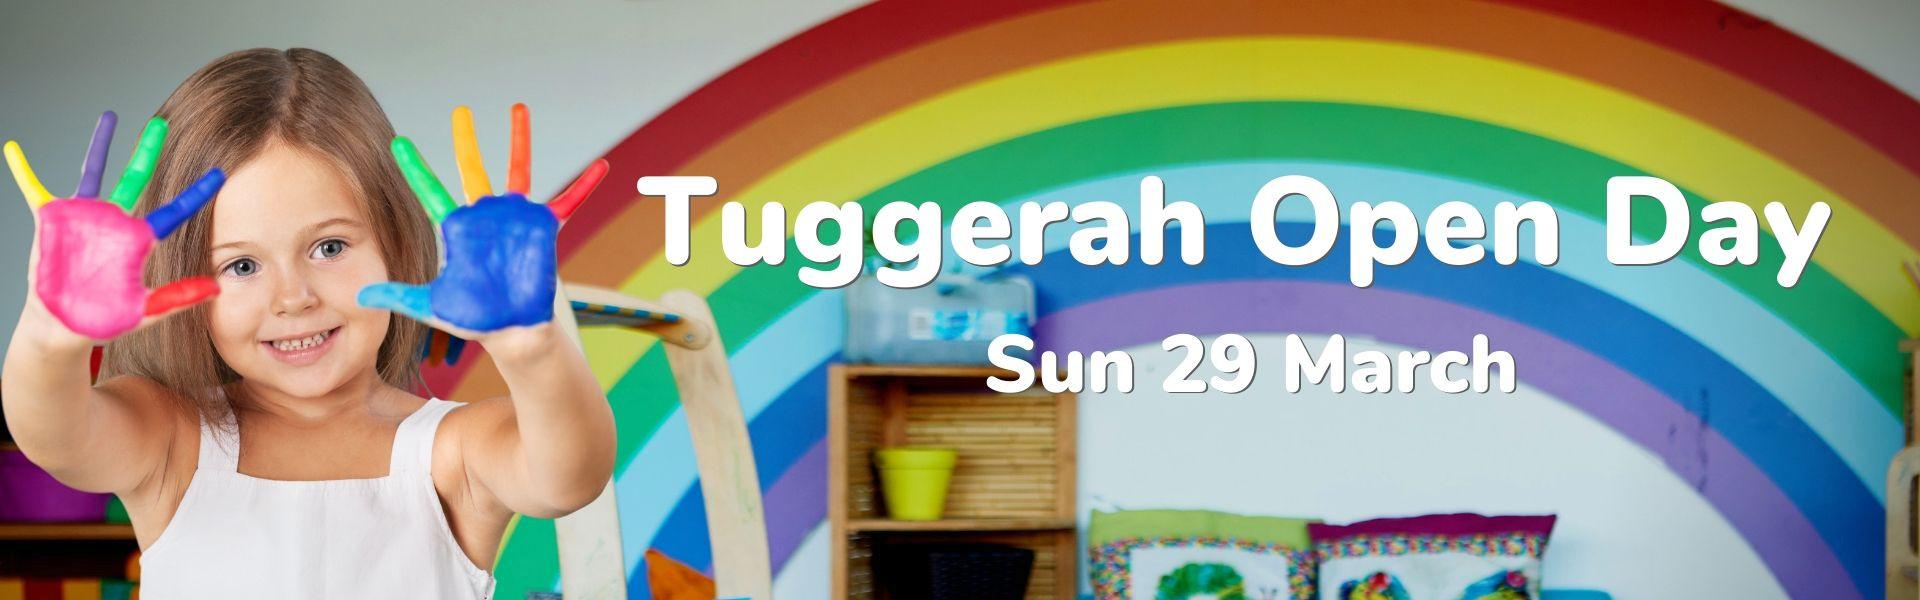 Tuggerah Open Day 2020